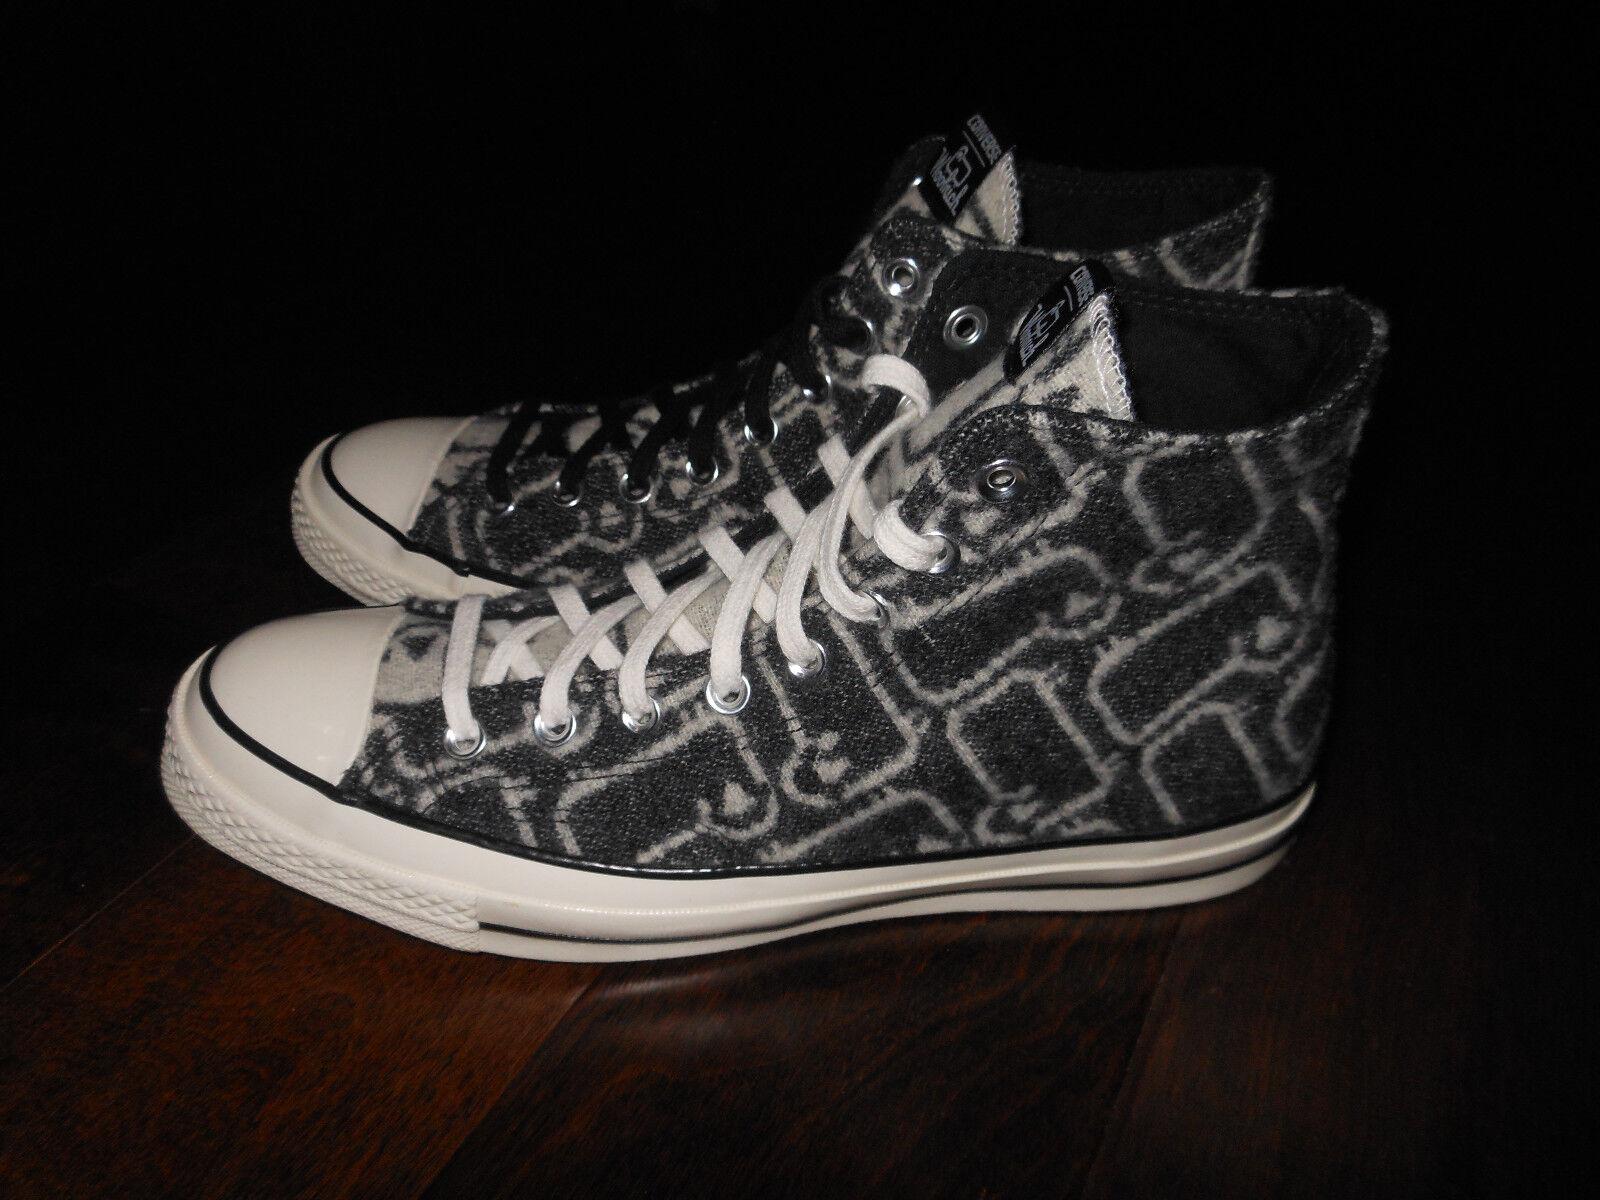 CONVERSE CT 70 HI 150161C Woolrich Edition Shoes Size 6 US 39 EUR Blk/White